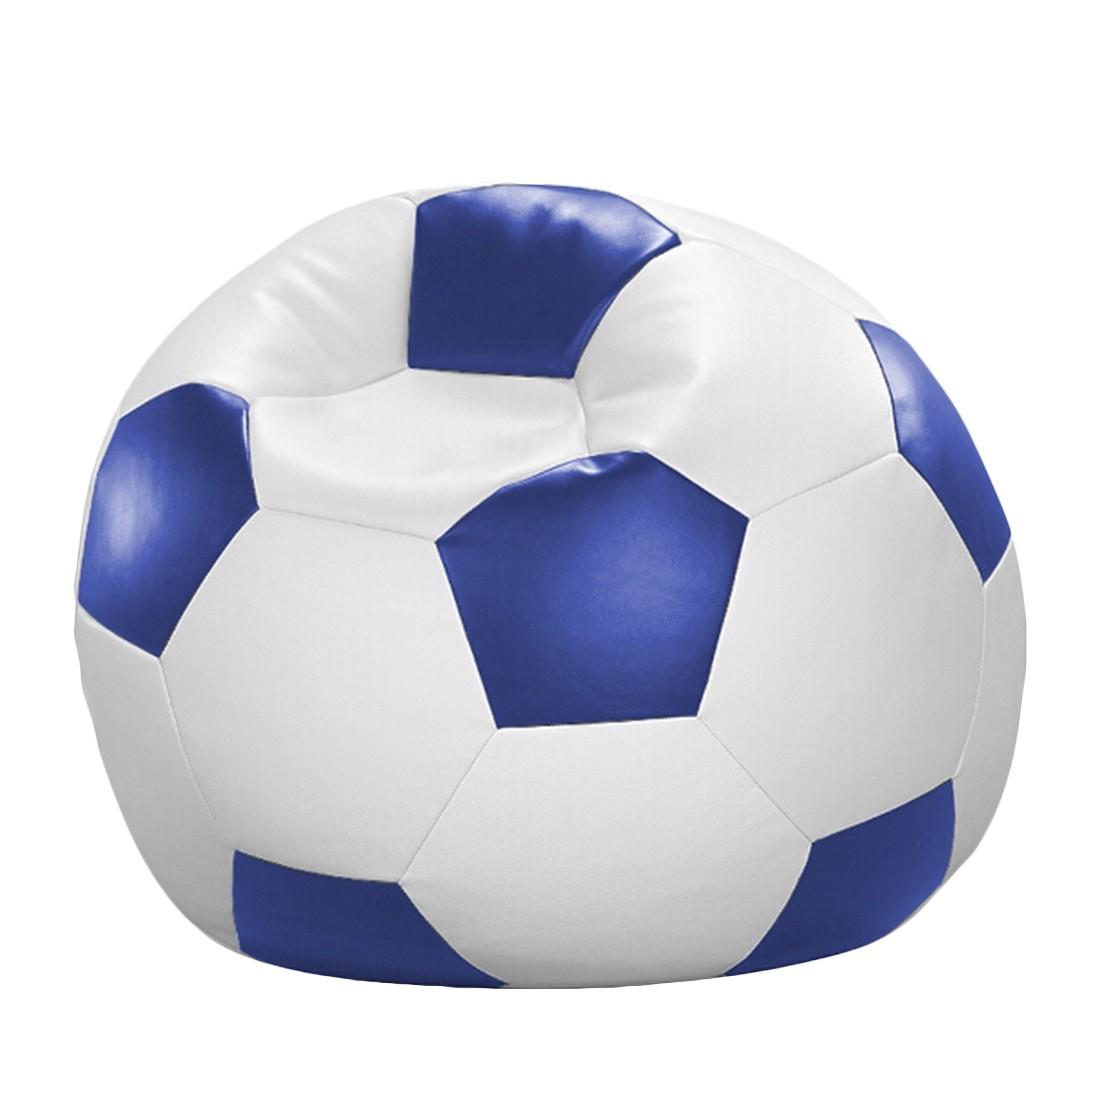 Fussball-Sitzsack – Weiß/Blau – 80 x 80 cm, KC-Handel günstig online kaufen